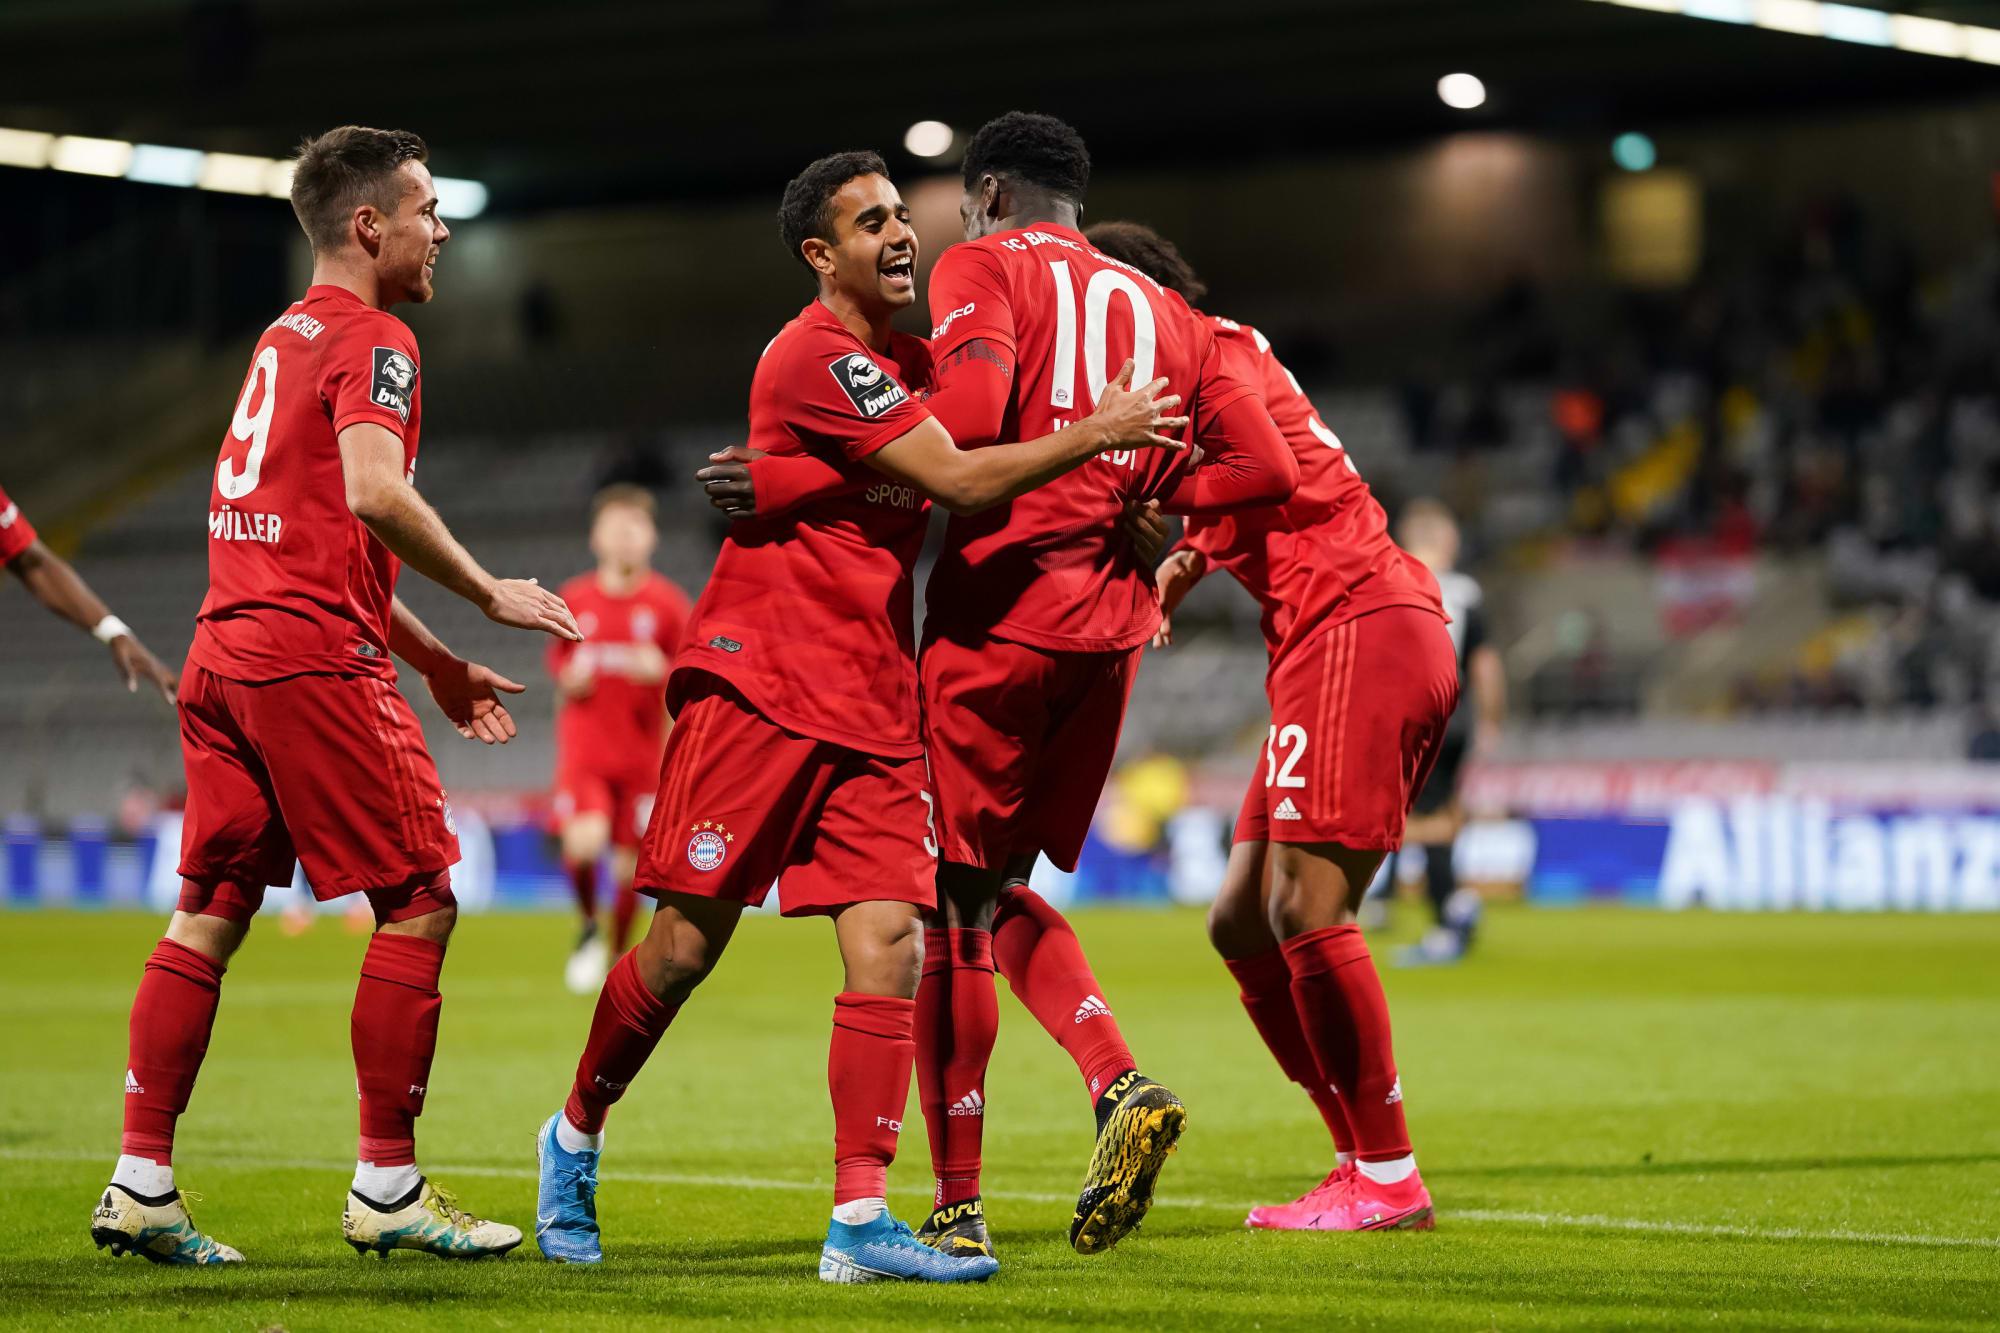 Bayern Munich: Three young players to shine next season